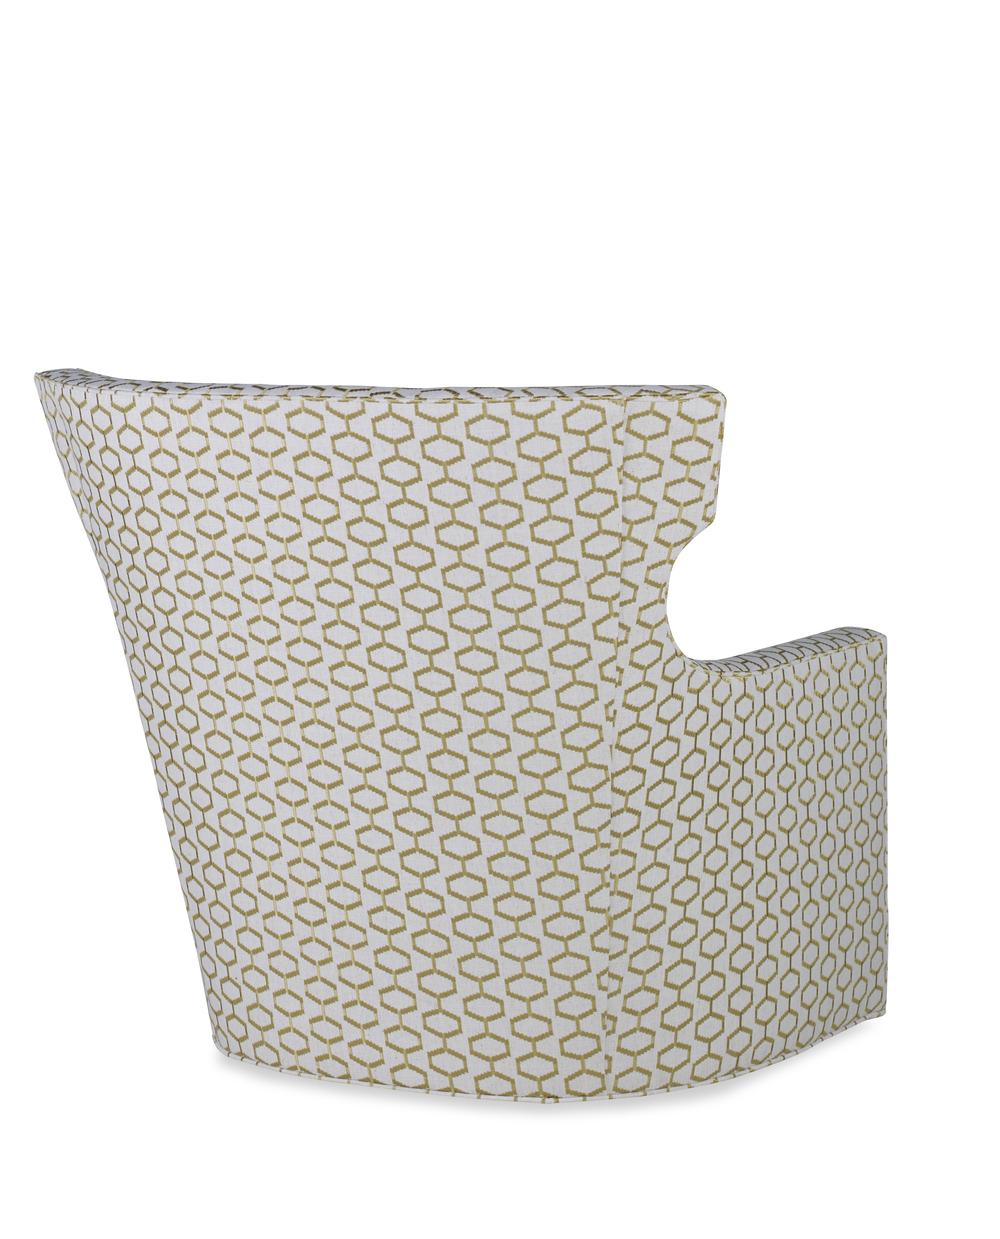 Century Furniture - Hansen Swivel Chair